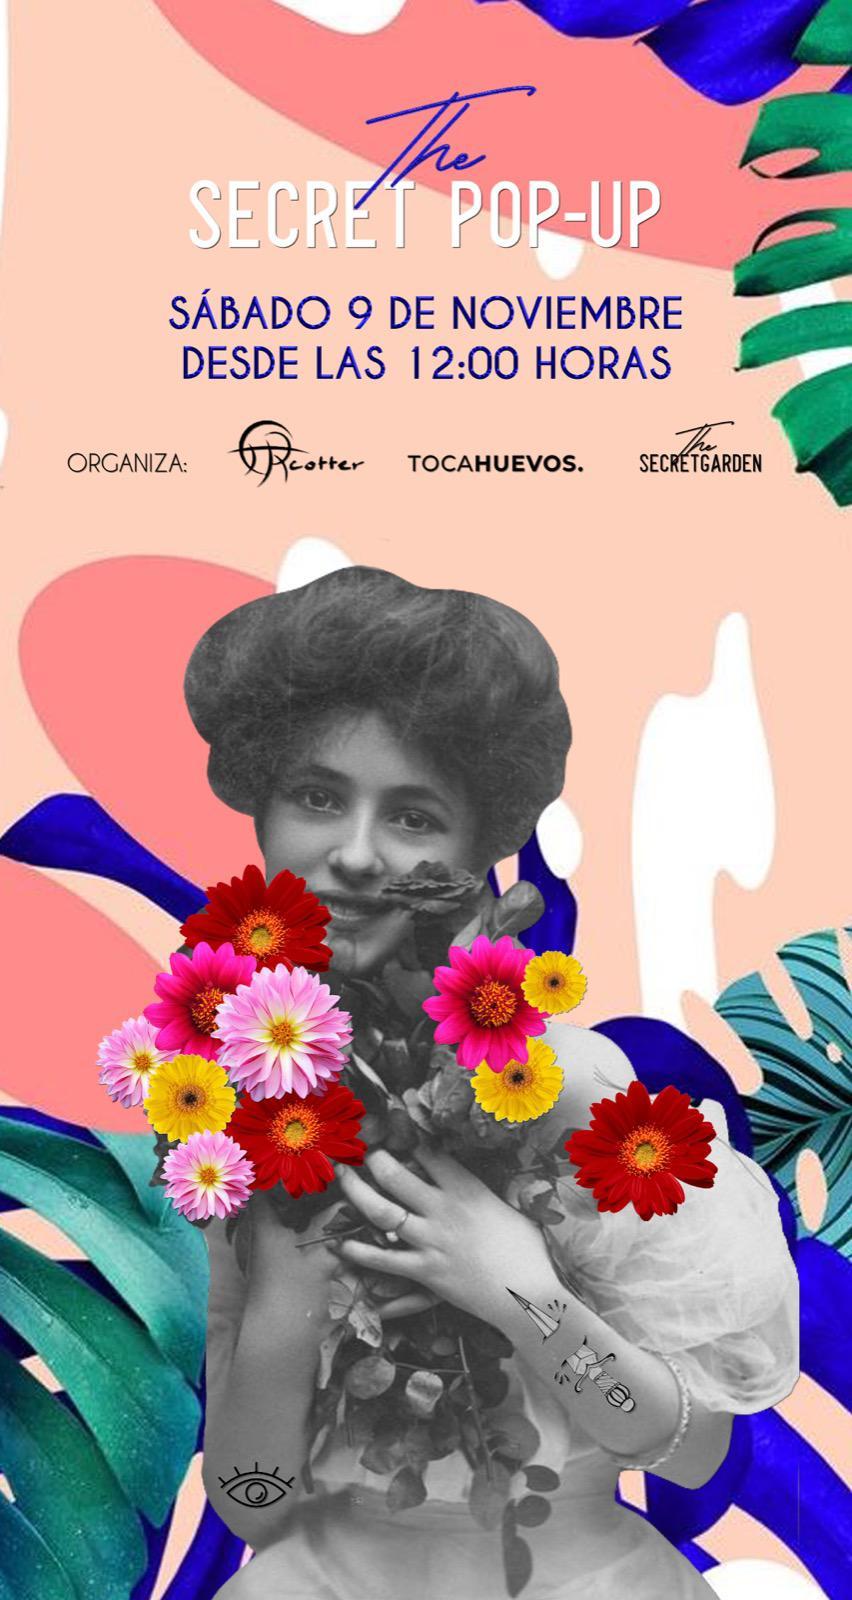 Málaga Málaga Las últimas tendencias en moda y complementos se darán cita el próximo sábado 9 de noviembre en la 2ª edición del Pop Up The Secret Garden